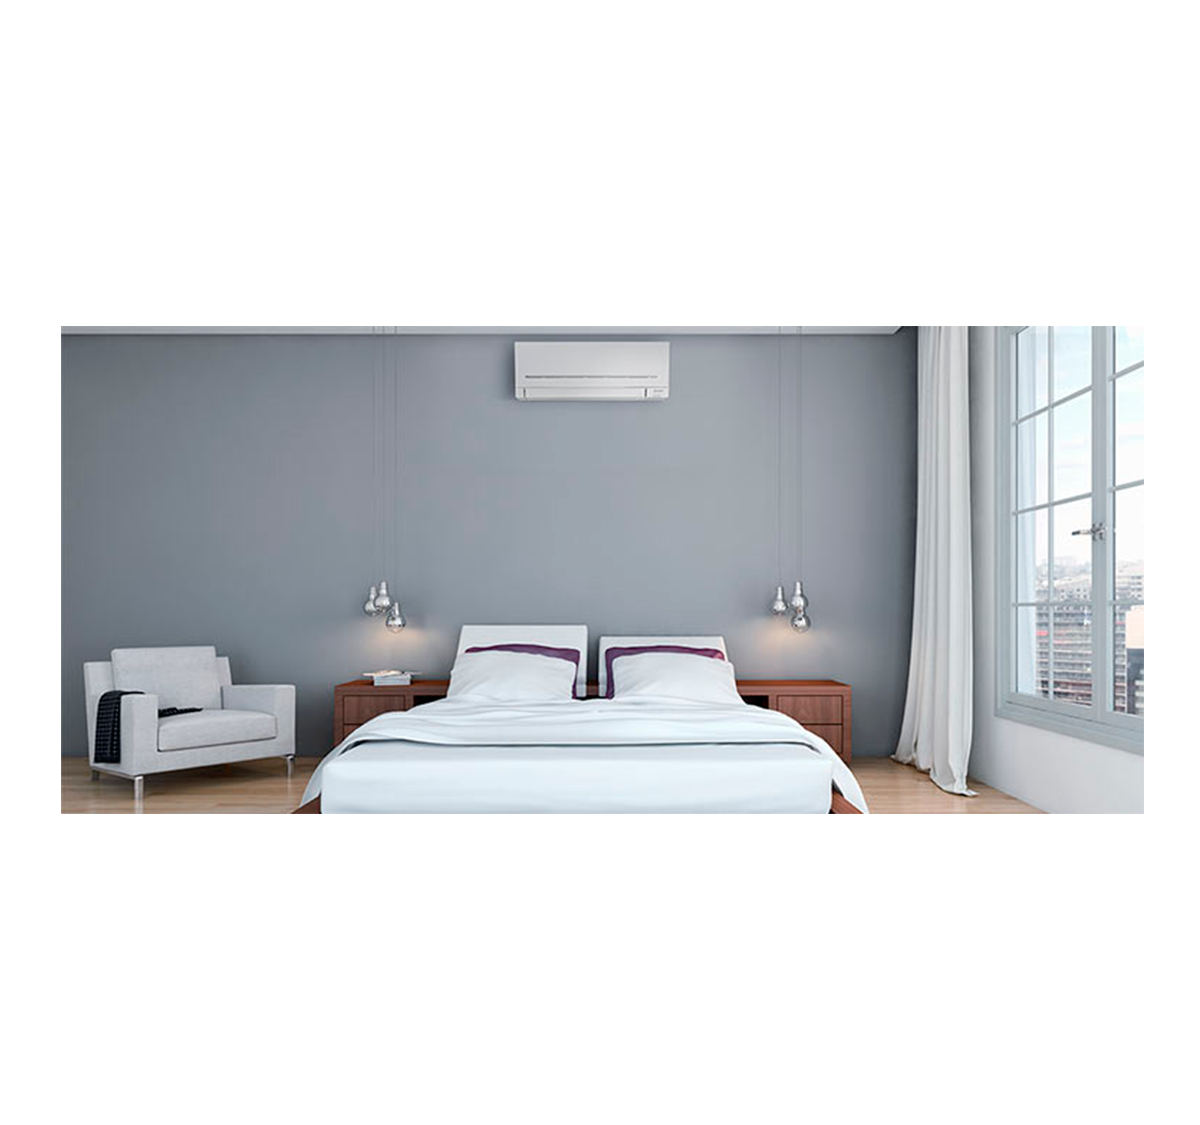 aire acondicionado conjunto split mitsubishi electric inverter serie msz ap modelo msz ap25vg precio incluido en la instalacion caseragua 02